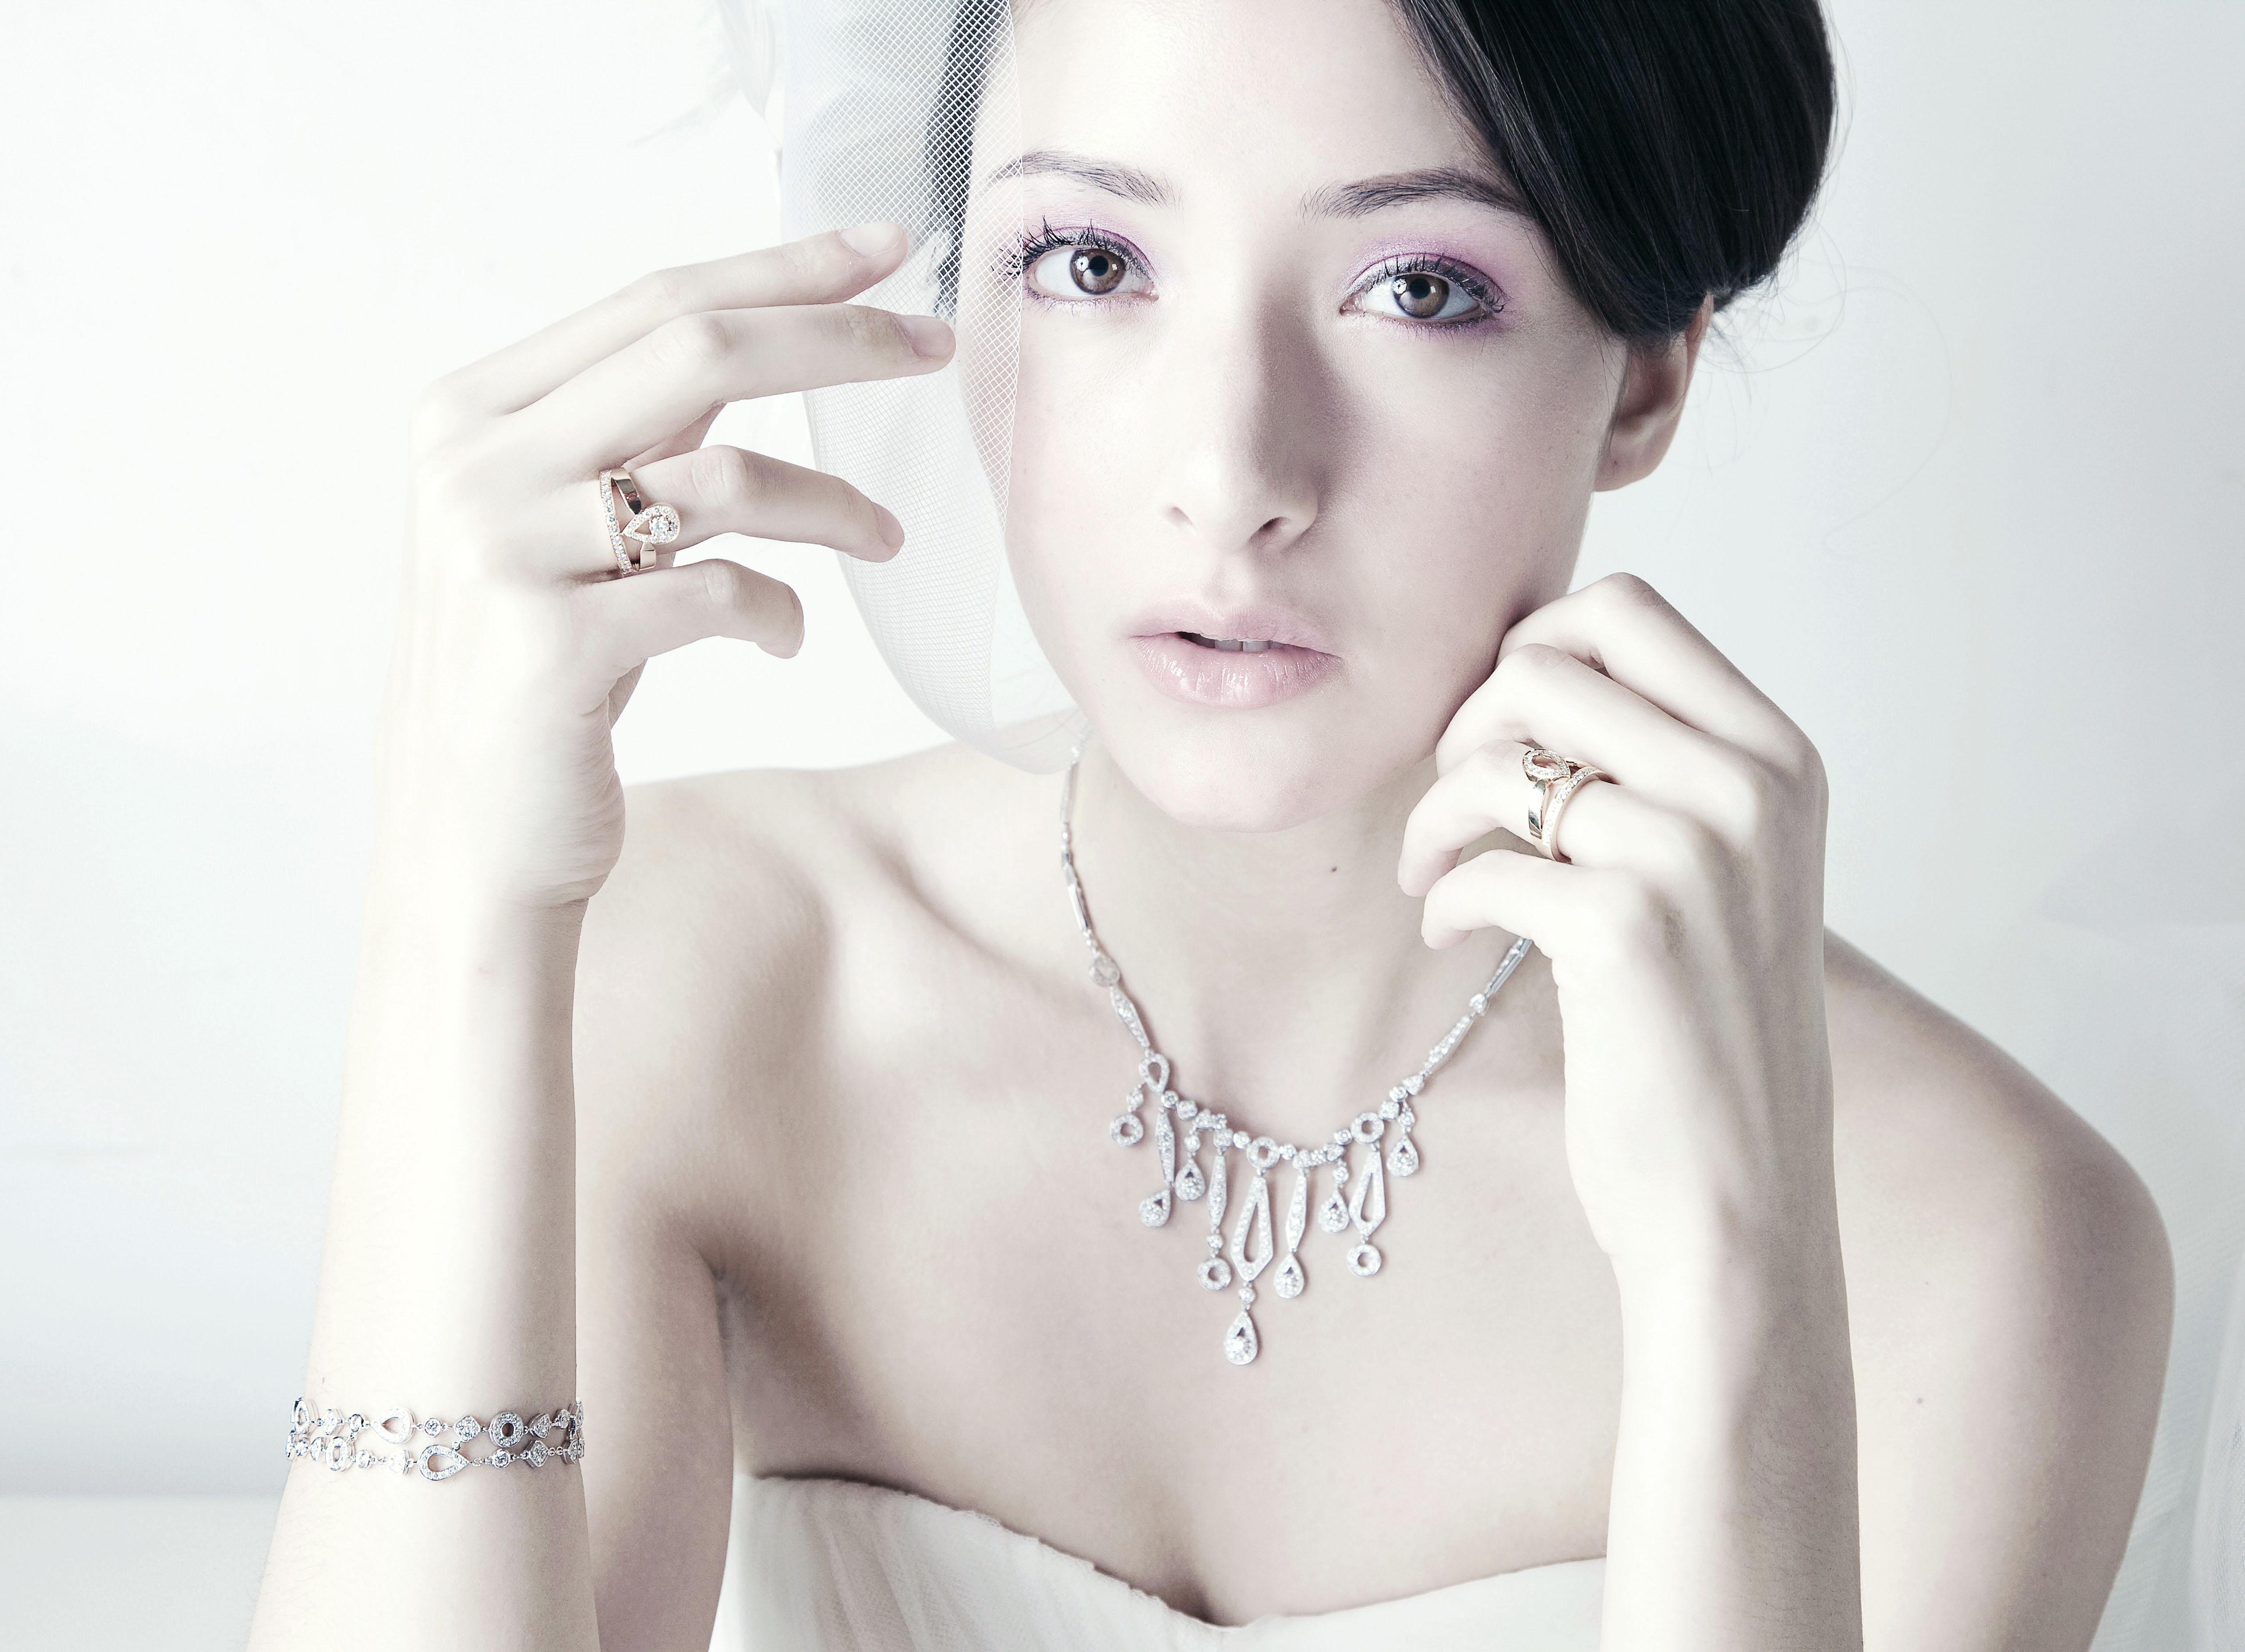 Chopard #gordonlund #frsackeye #gordon lund #fashion Jewelry #high end Jewellery